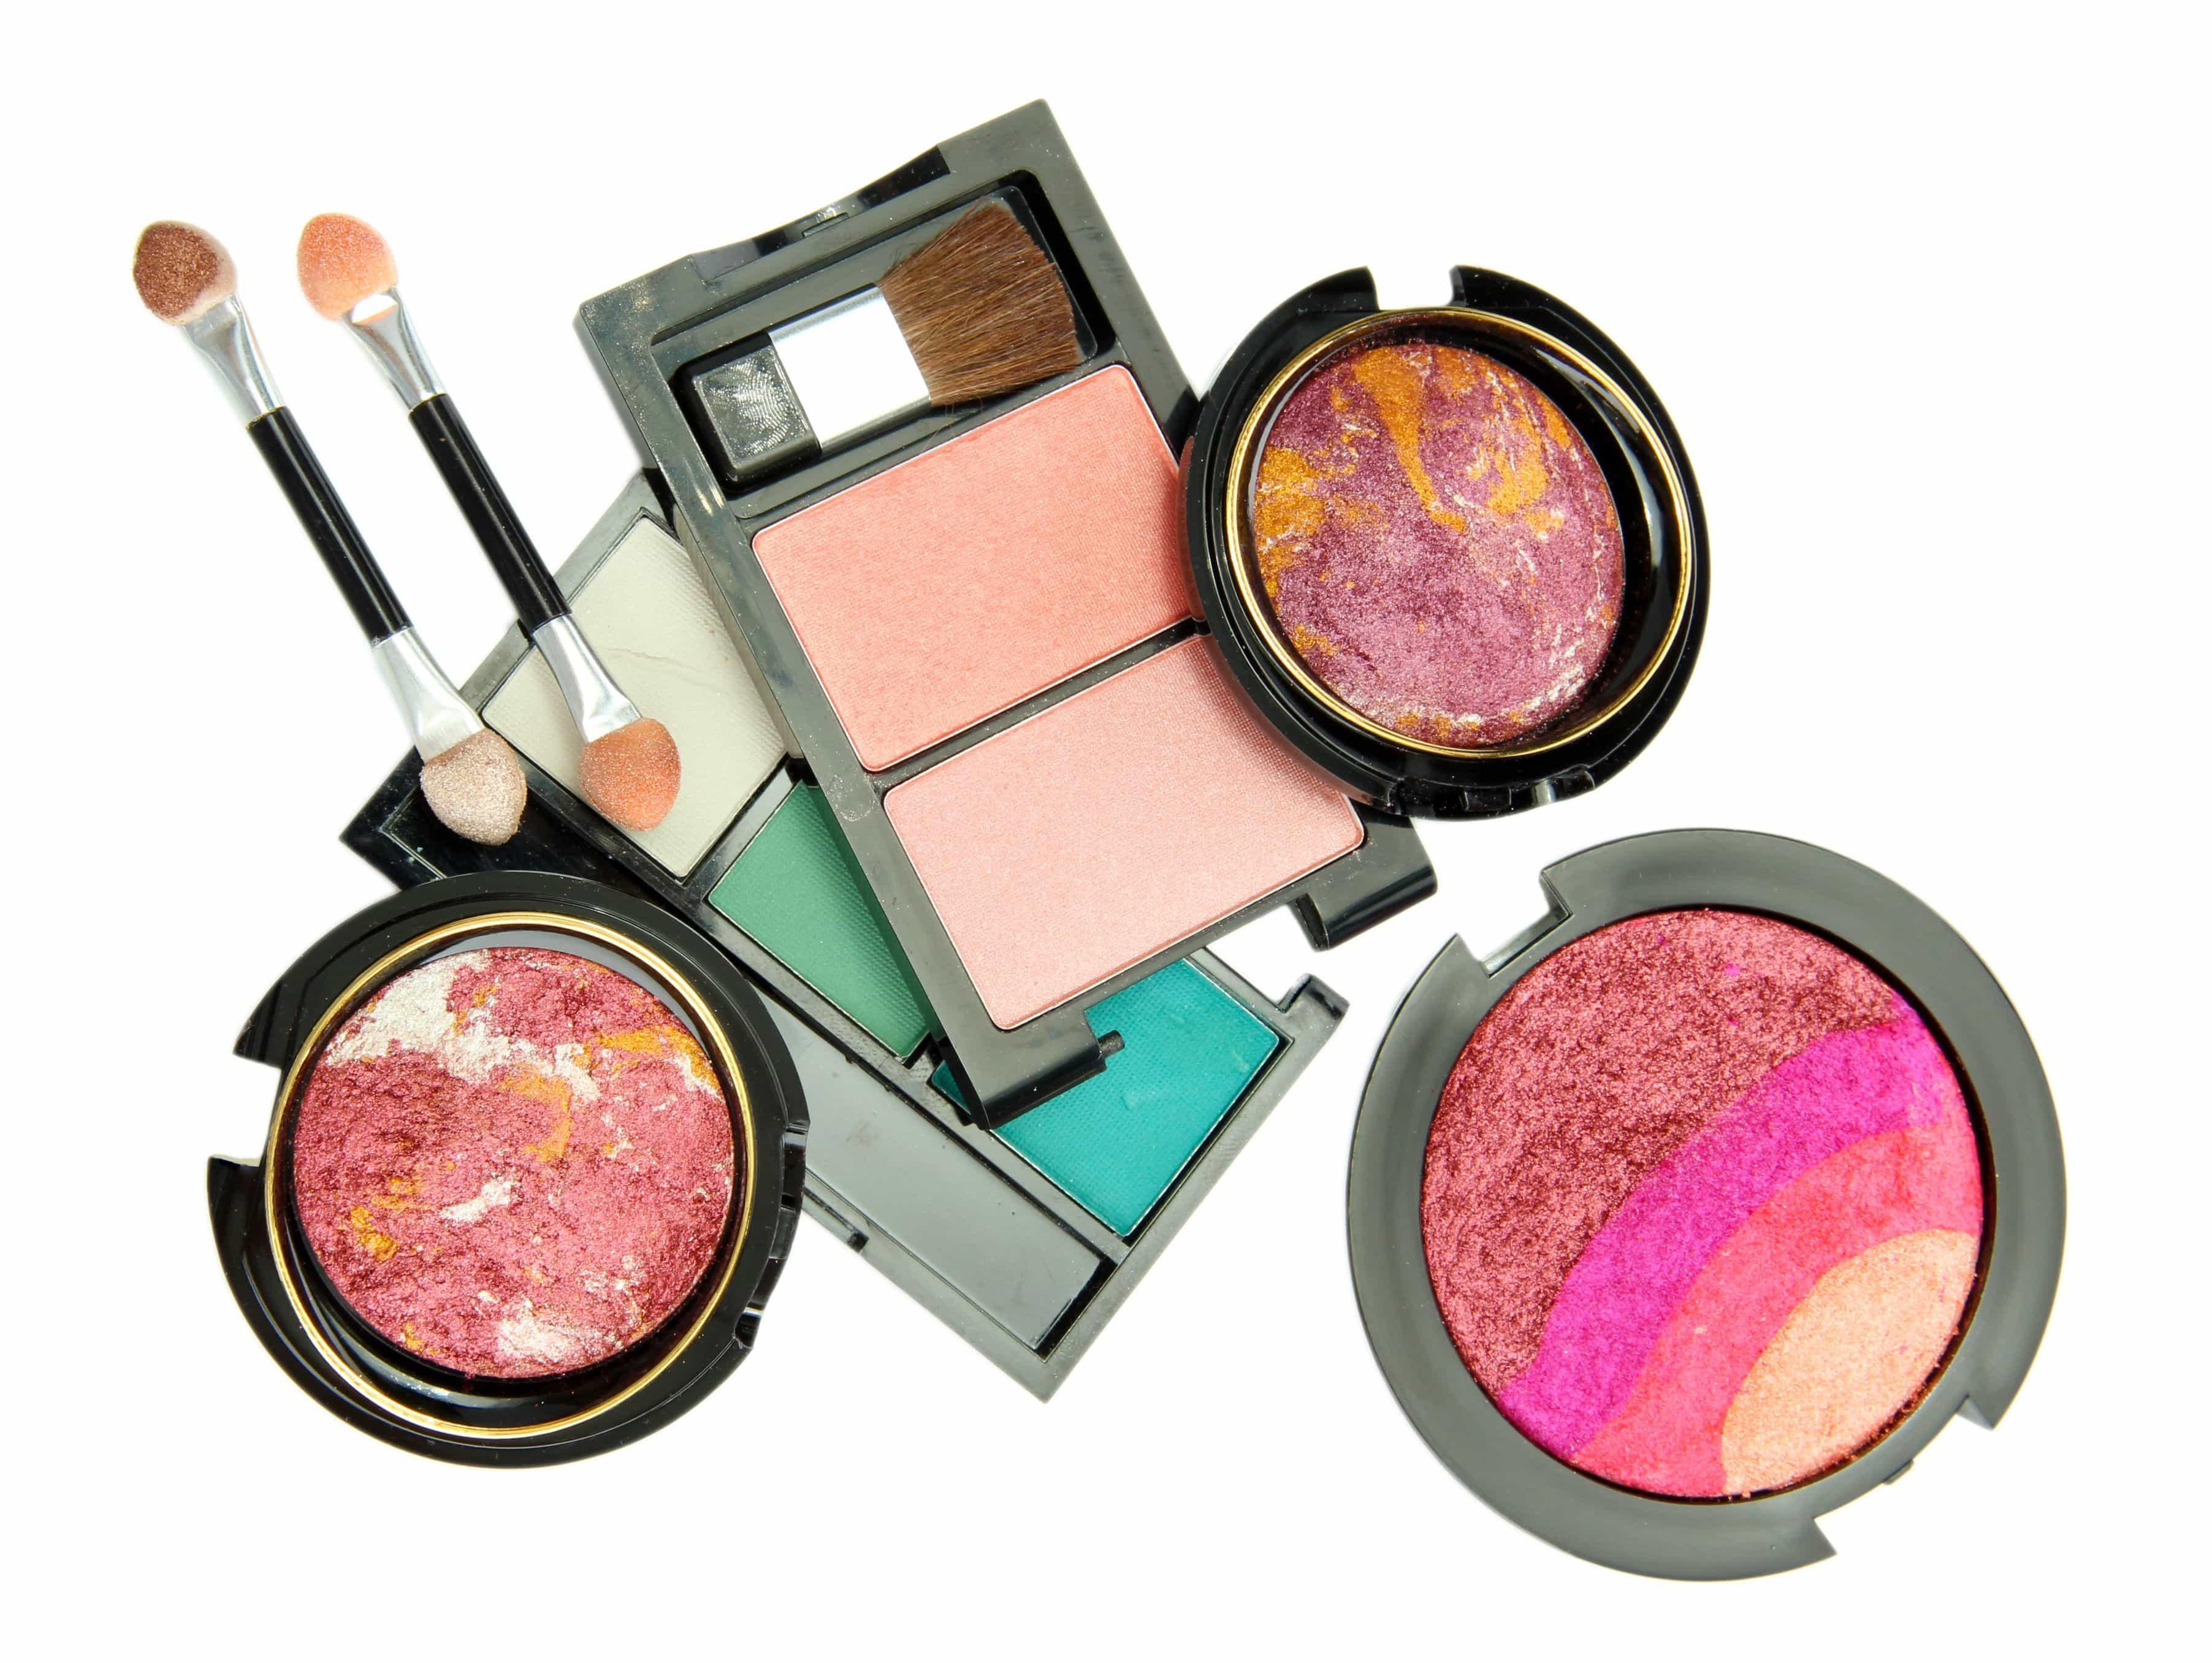 mantener una buena higiene en los productos de maquillaje